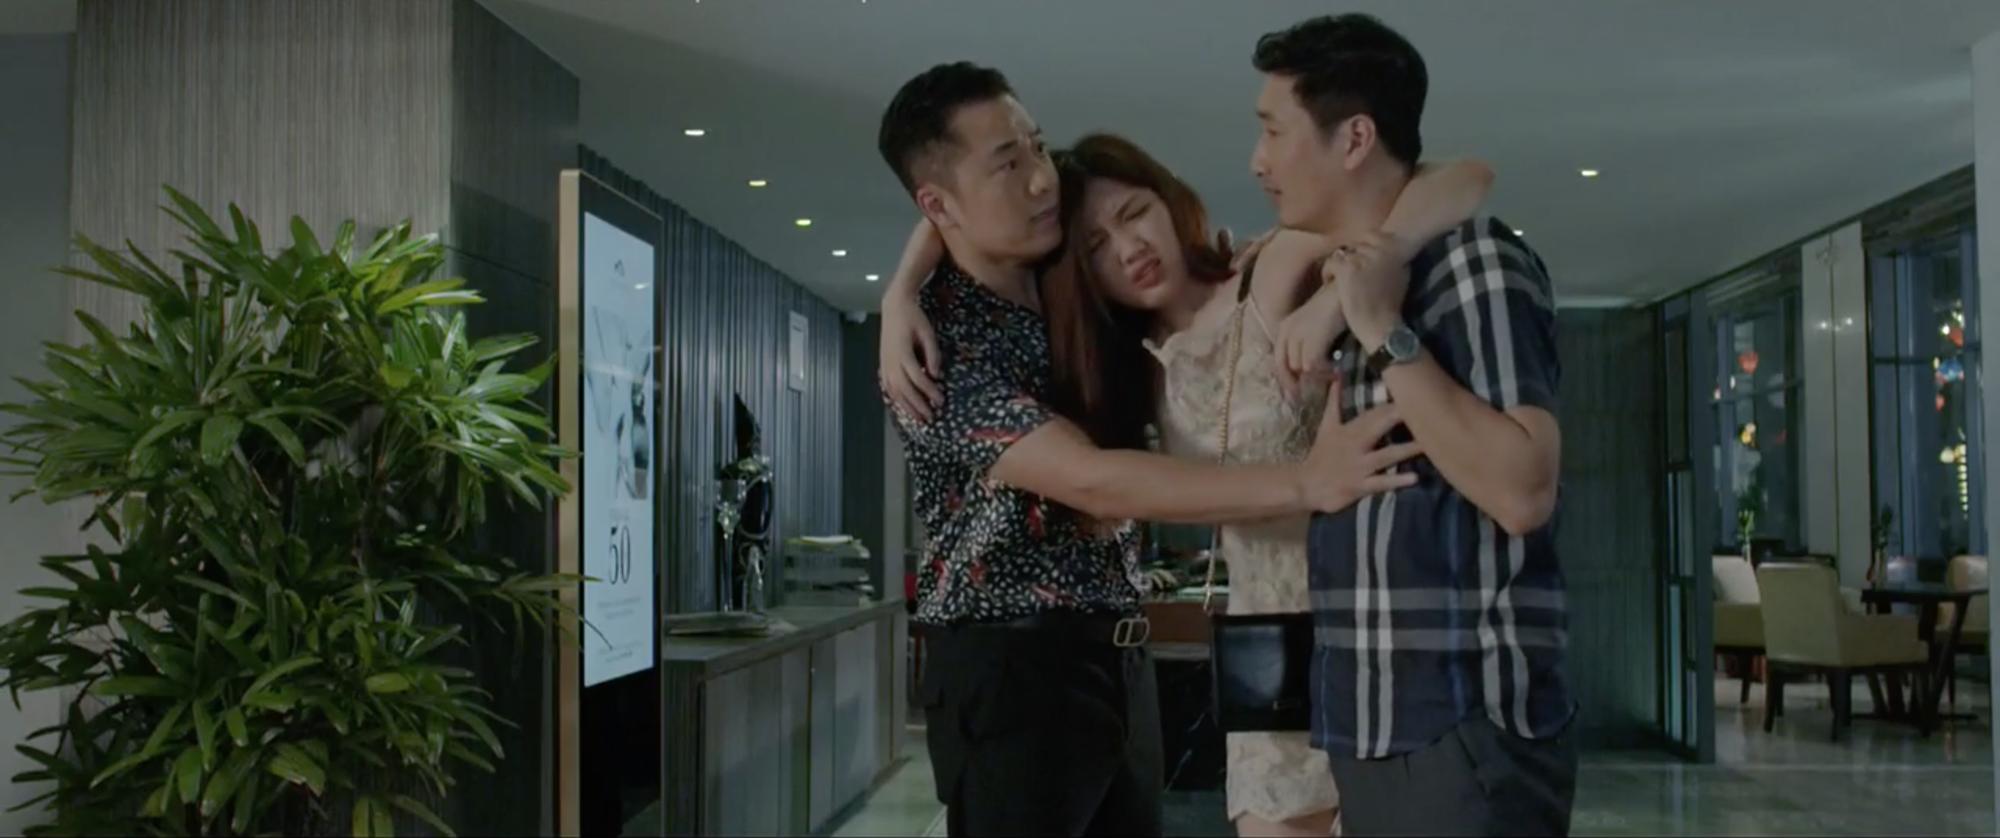 VZN News: Tiểu tam đỉnh cao nhất màn ảnh Việt: Đến tận nhà rủ mẹ chồng và con riêng tương lai làm trò - Ảnh 5.